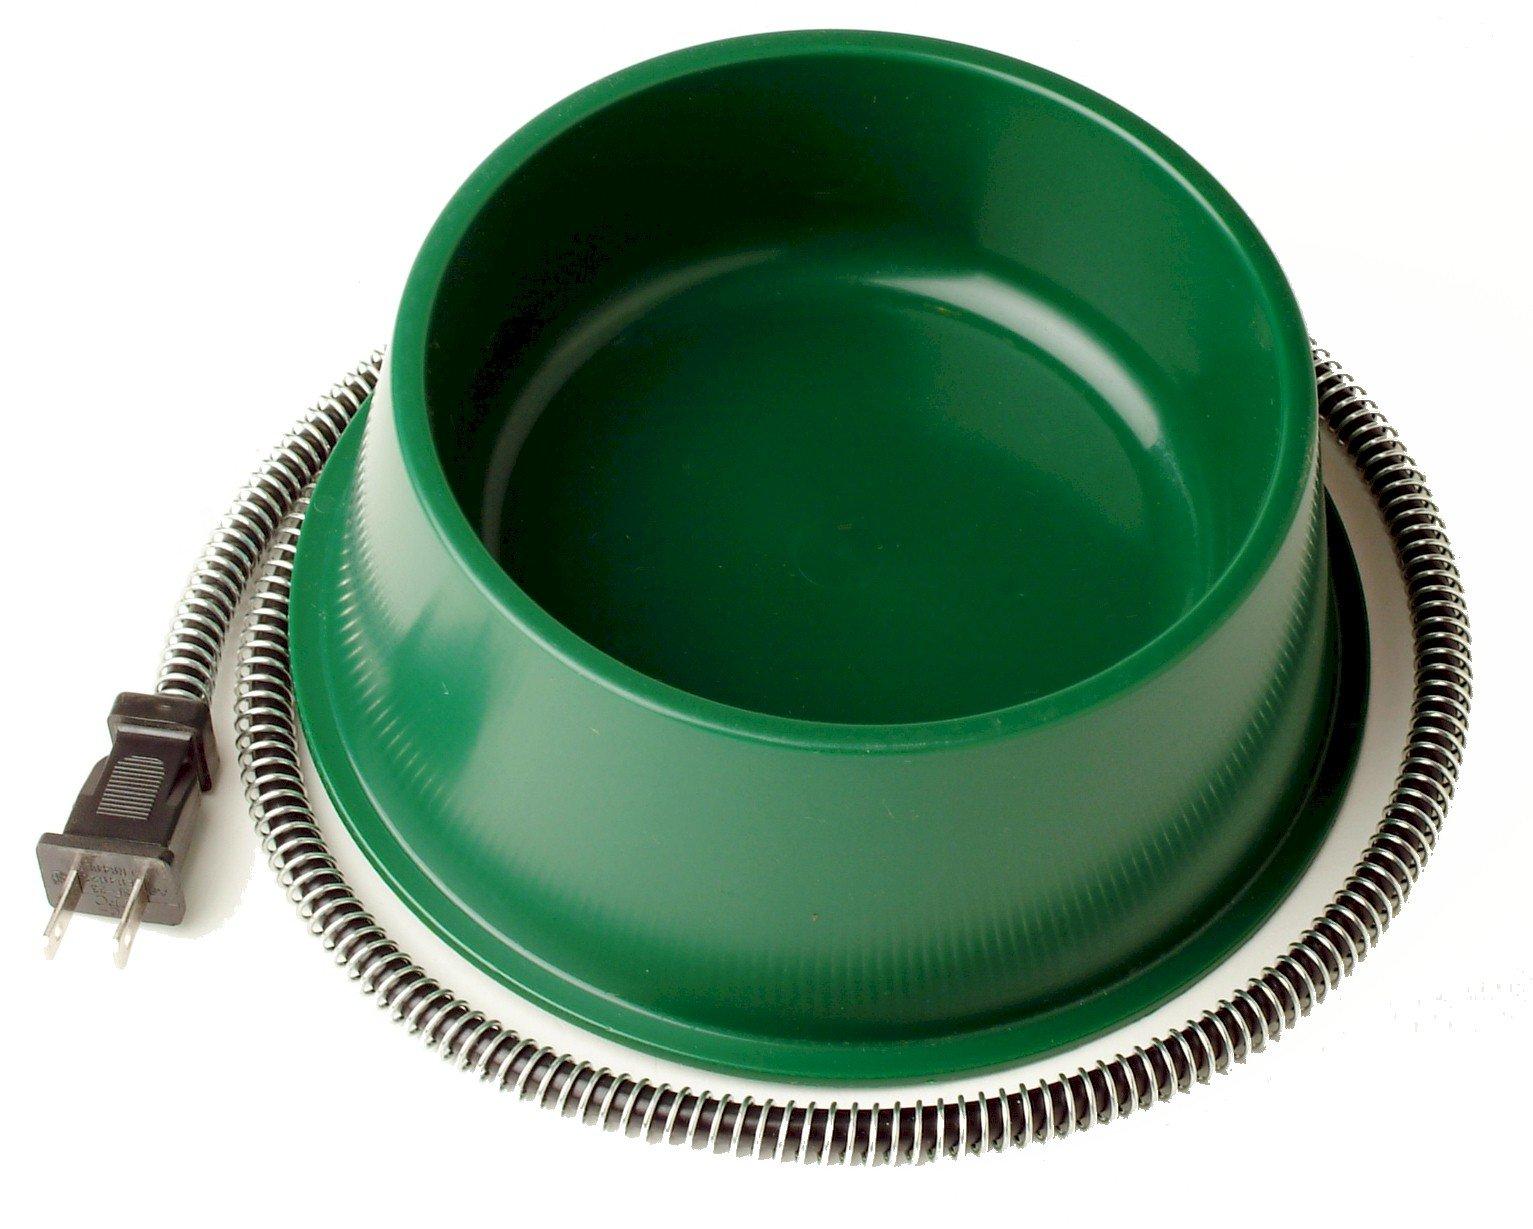 Farm Innovators Model QT-1 1-Quart Heated Bowl, Green, 25 Watts